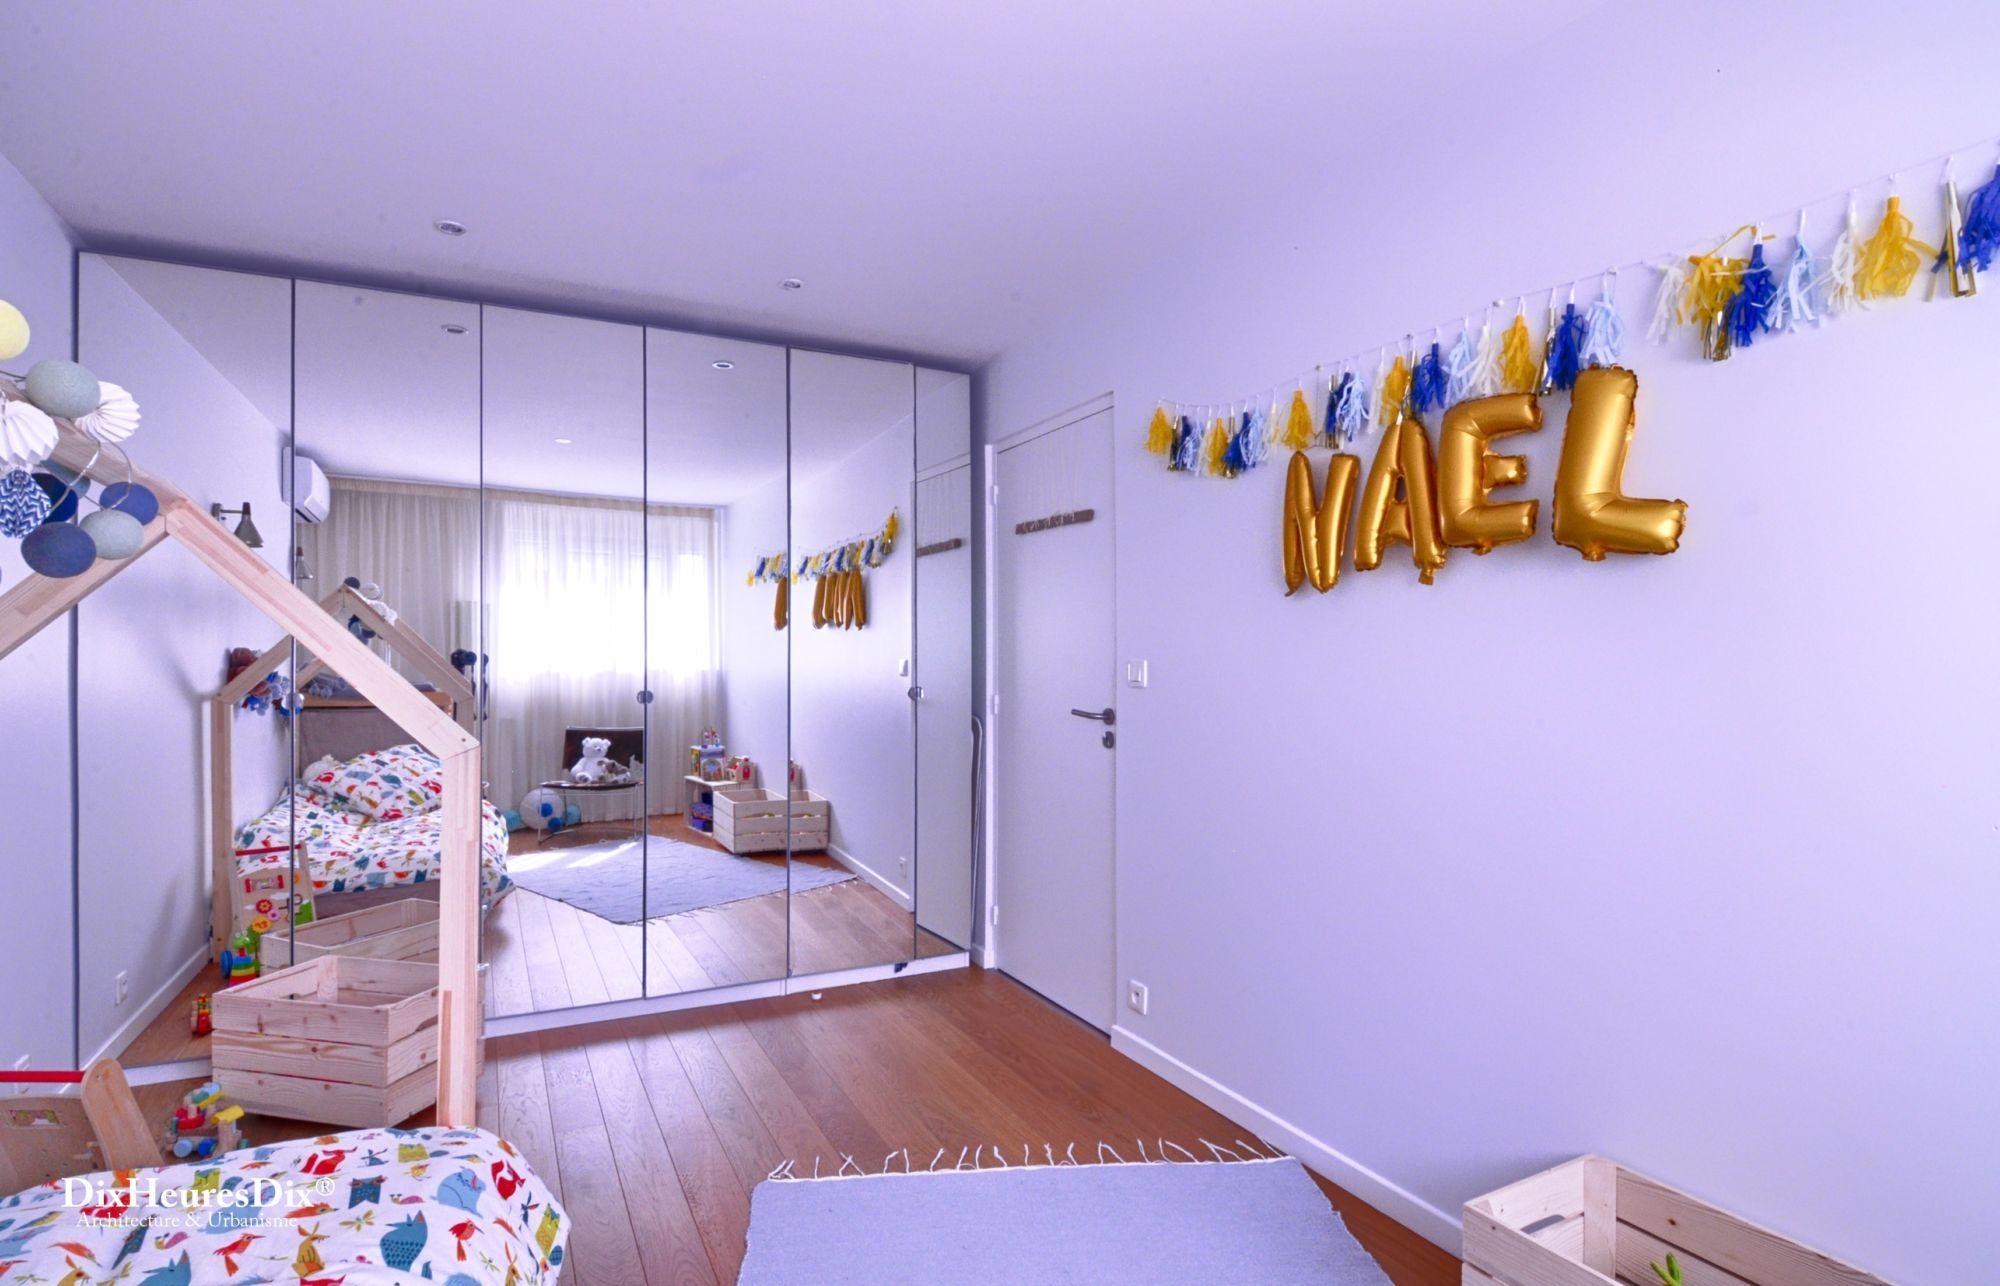 Chambre pour jeune enfant coloré se reflétant face au miroir sur un mur adjacent